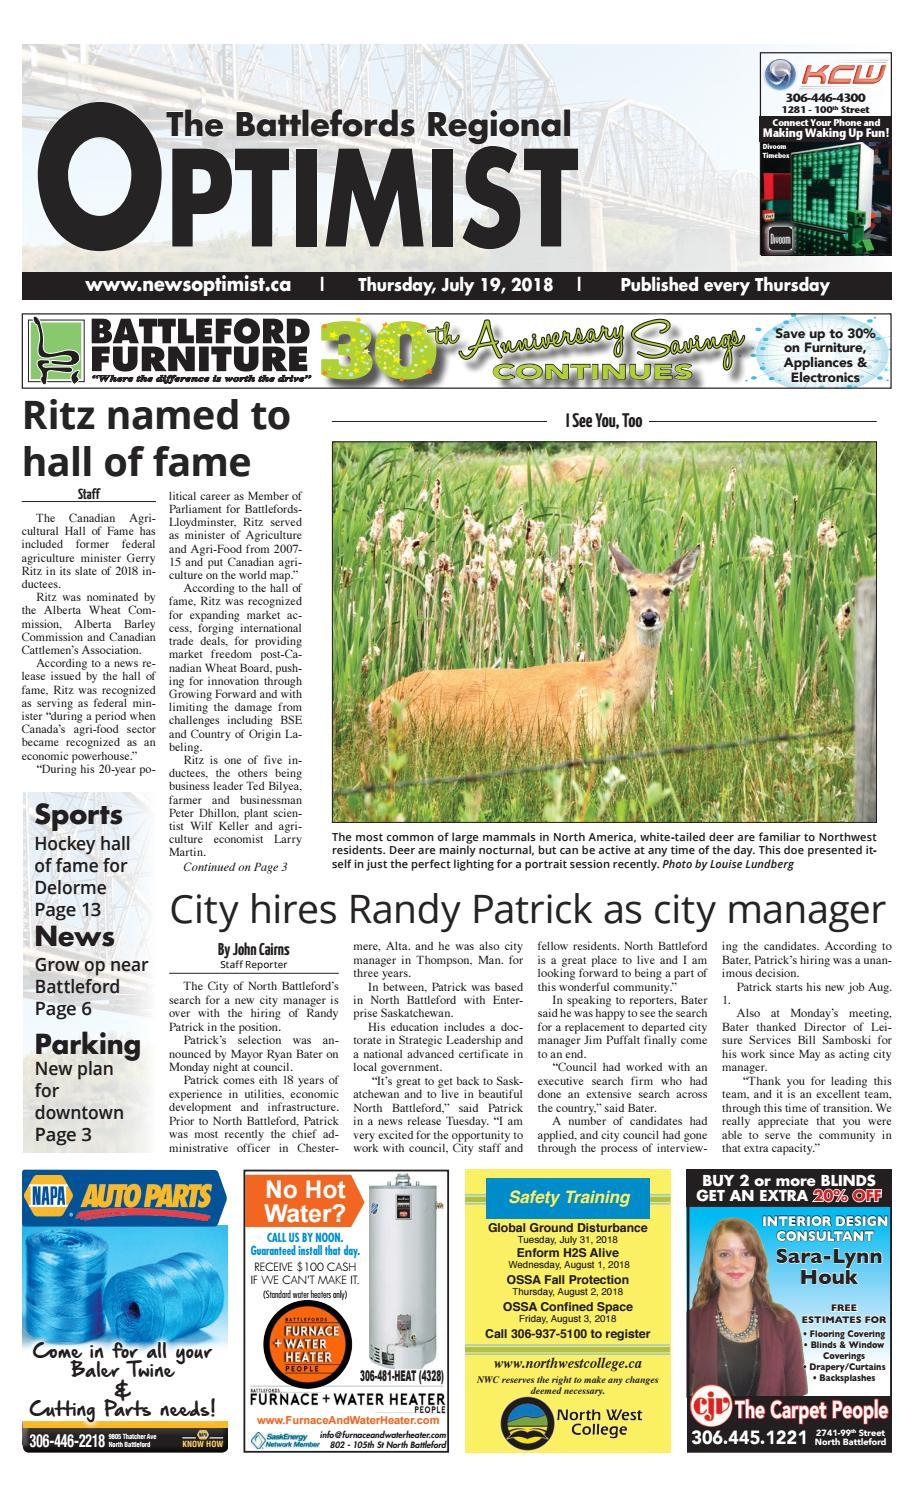 Regional Optimist July 19 by Battlefords News Optimist - issuu